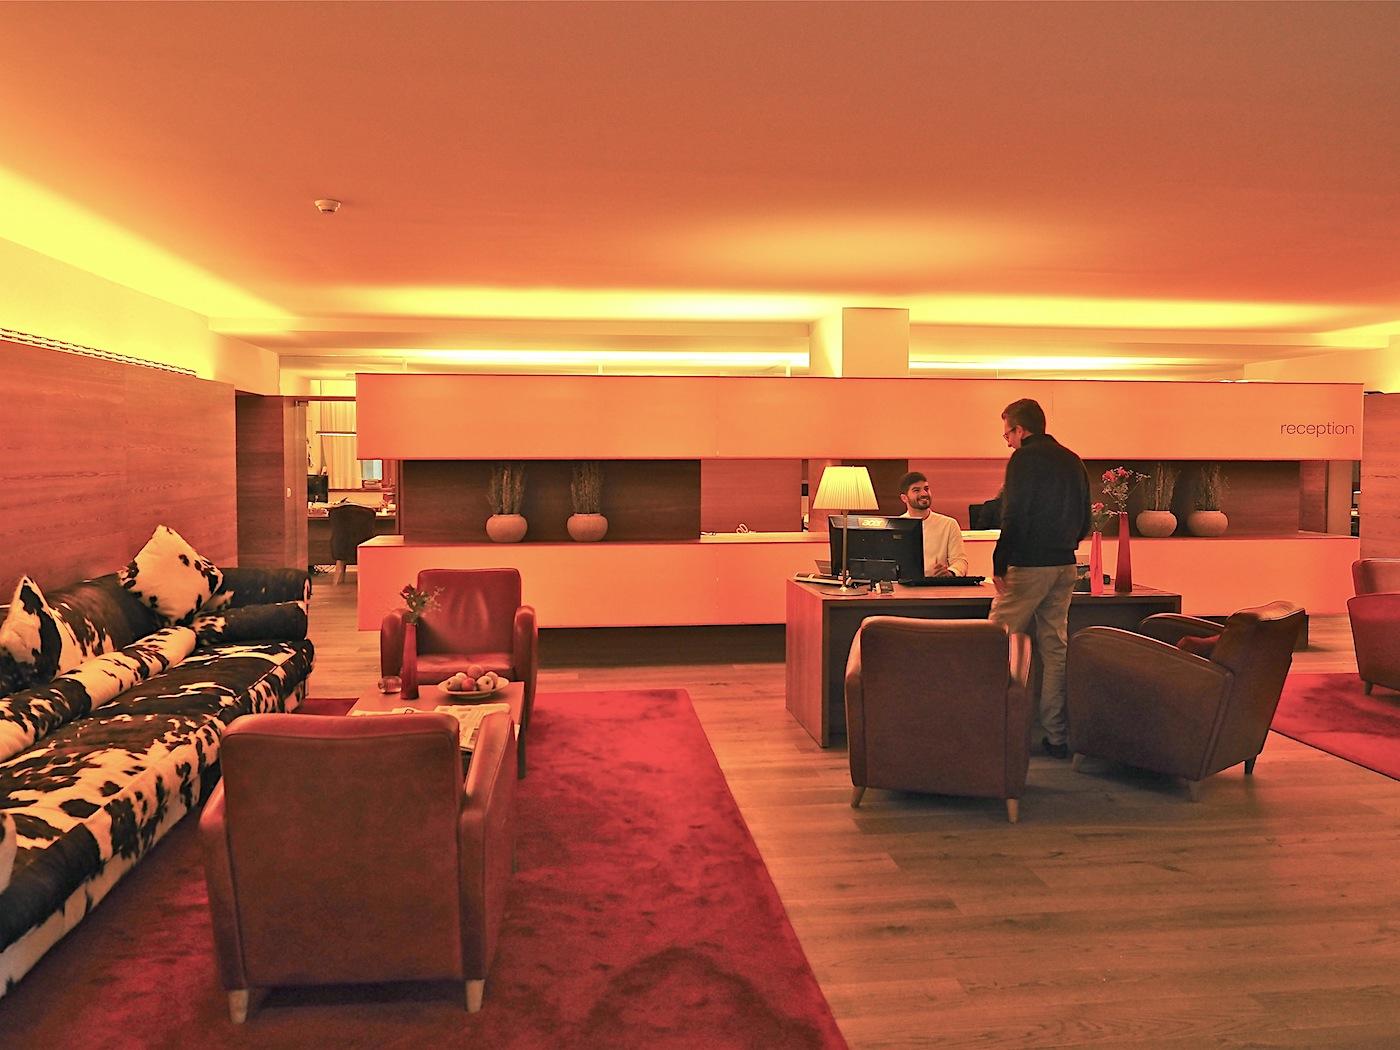 Einstimmung. Die Lobby nimmt einiges aus den Zimmern vorweg: die Muster des Lärchenholzes am Boden und den Wänden, das Spiel des indirekten Lichts, das Rot der Sessel und Teppiche. Nur die Sofas in Kuhfell schwarz-weiß setzen einen eigenen Akzent.